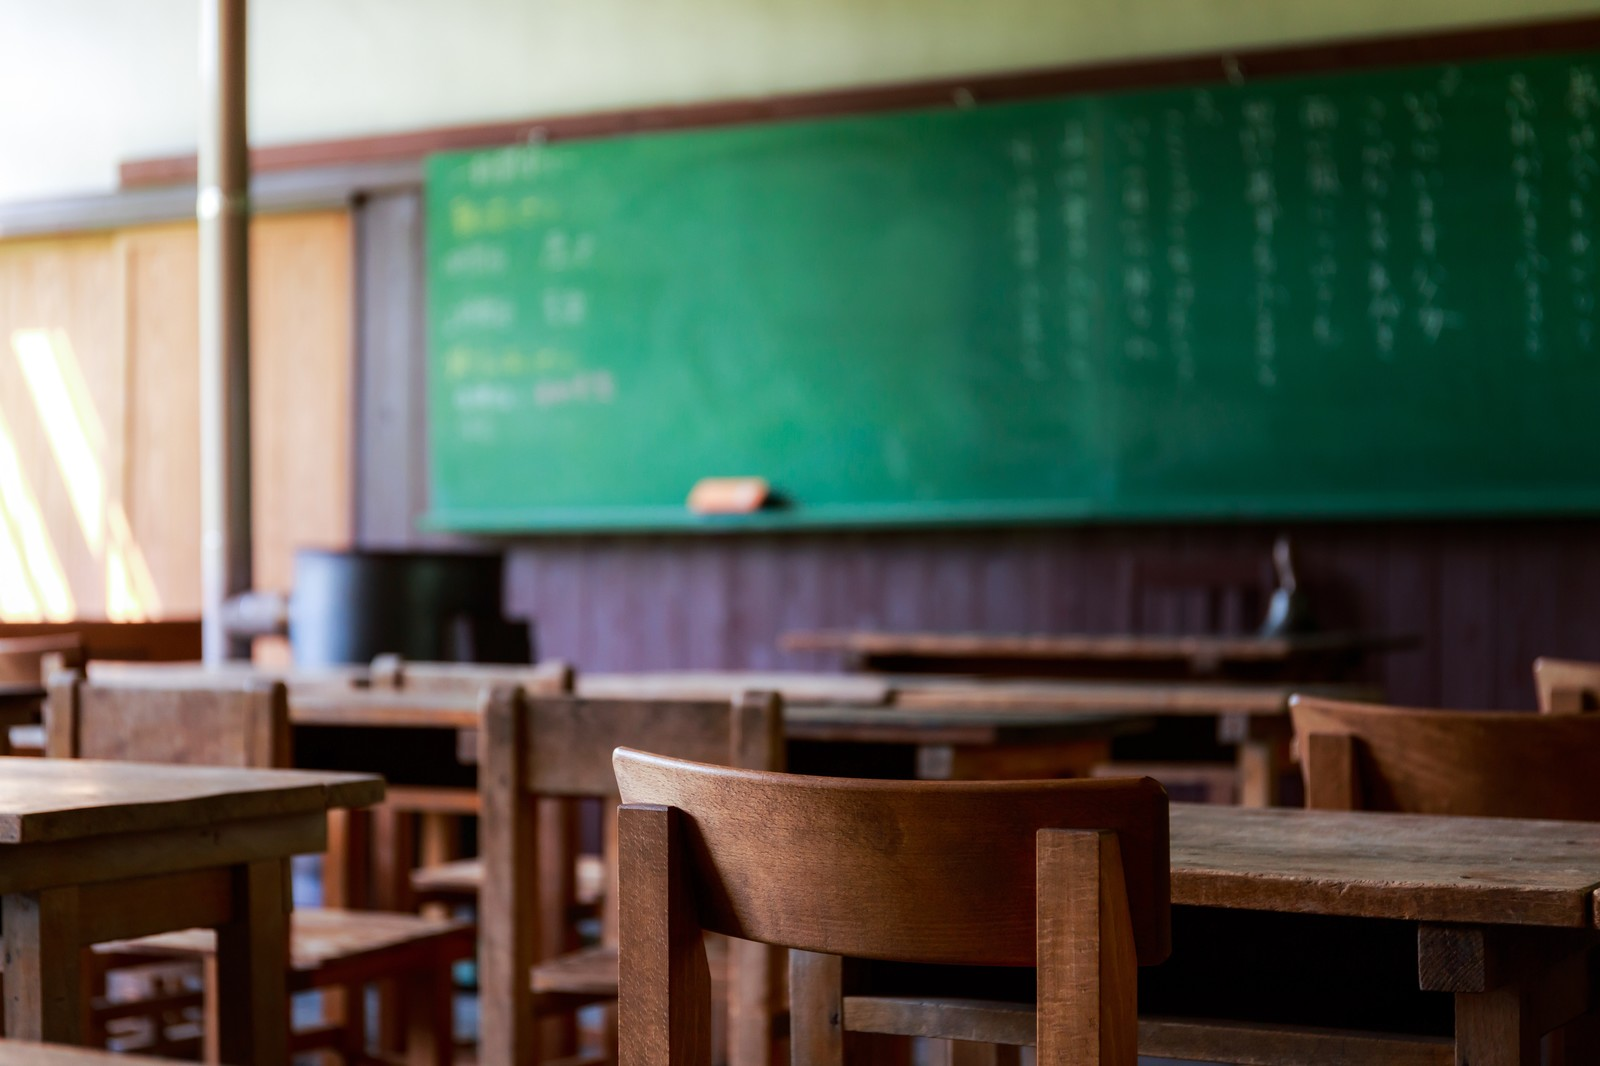 「木造の教室と黒板木造の教室と黒板」のフリー写真素材を拡大